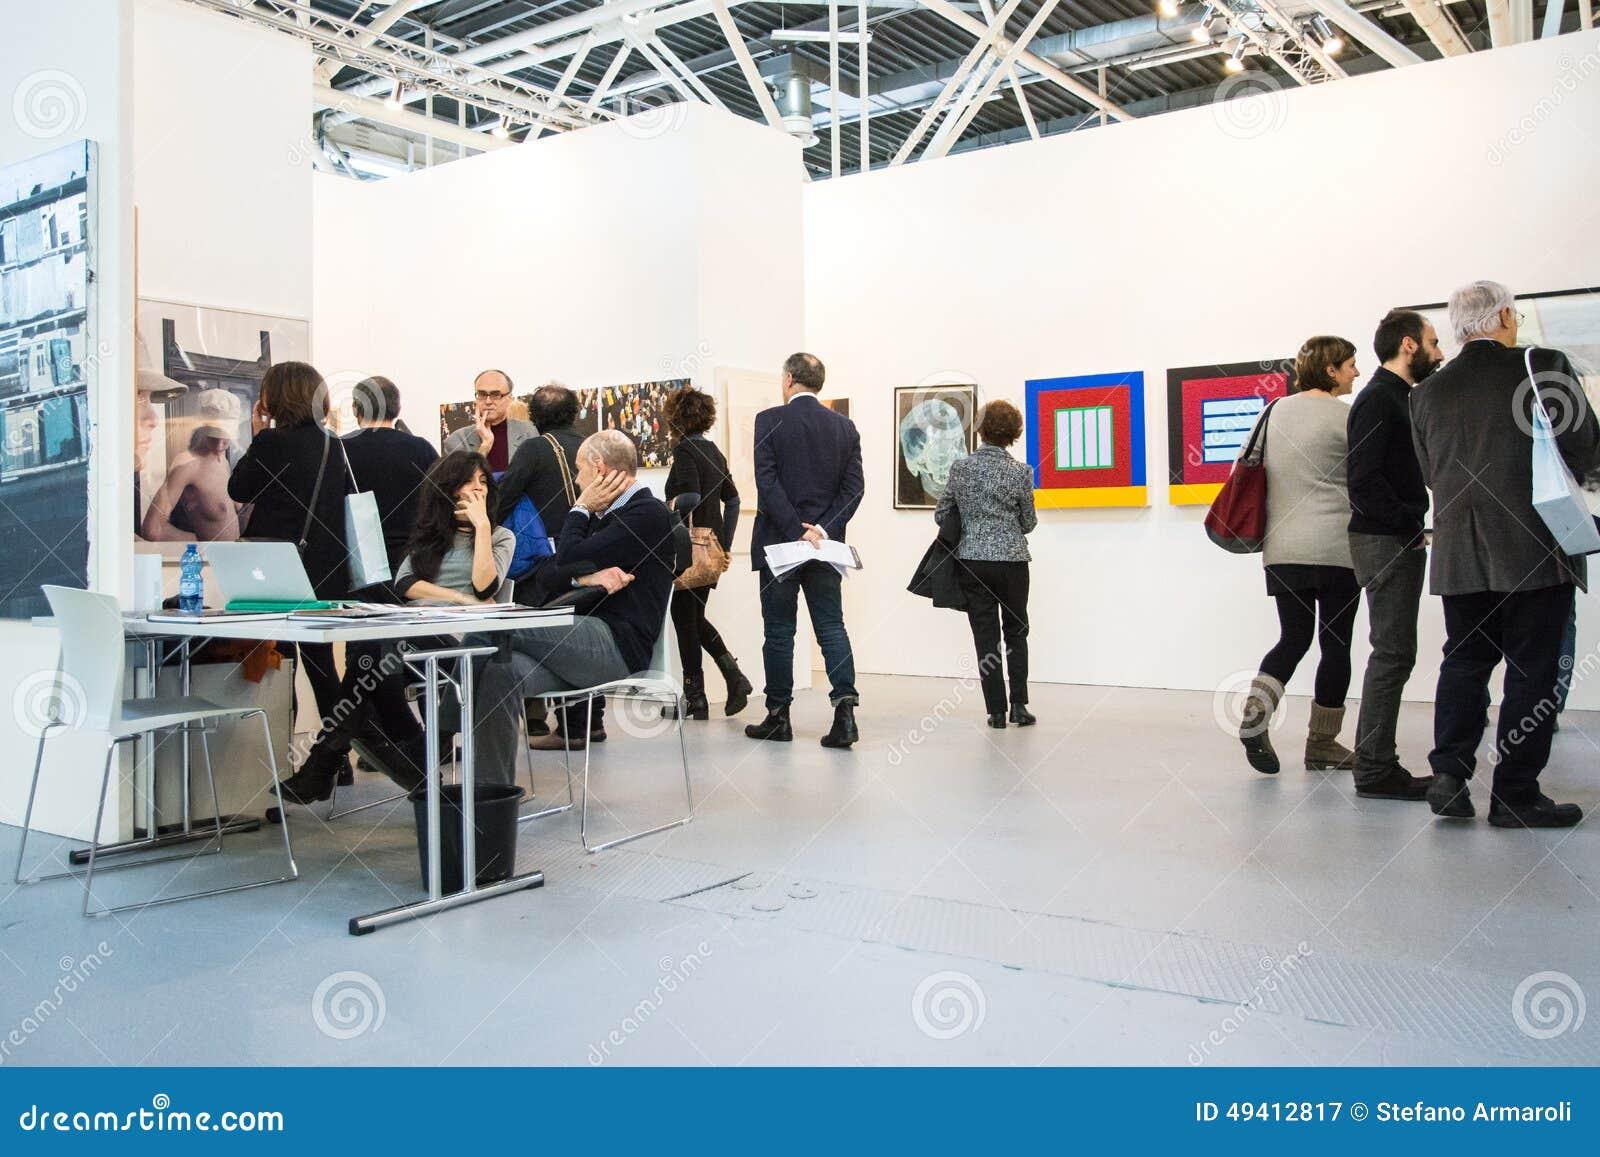 Download Galerie In Einer Kunst Angemessen Redaktionelles Stockfotografie - Bild von ausstellung, fashion: 49412817